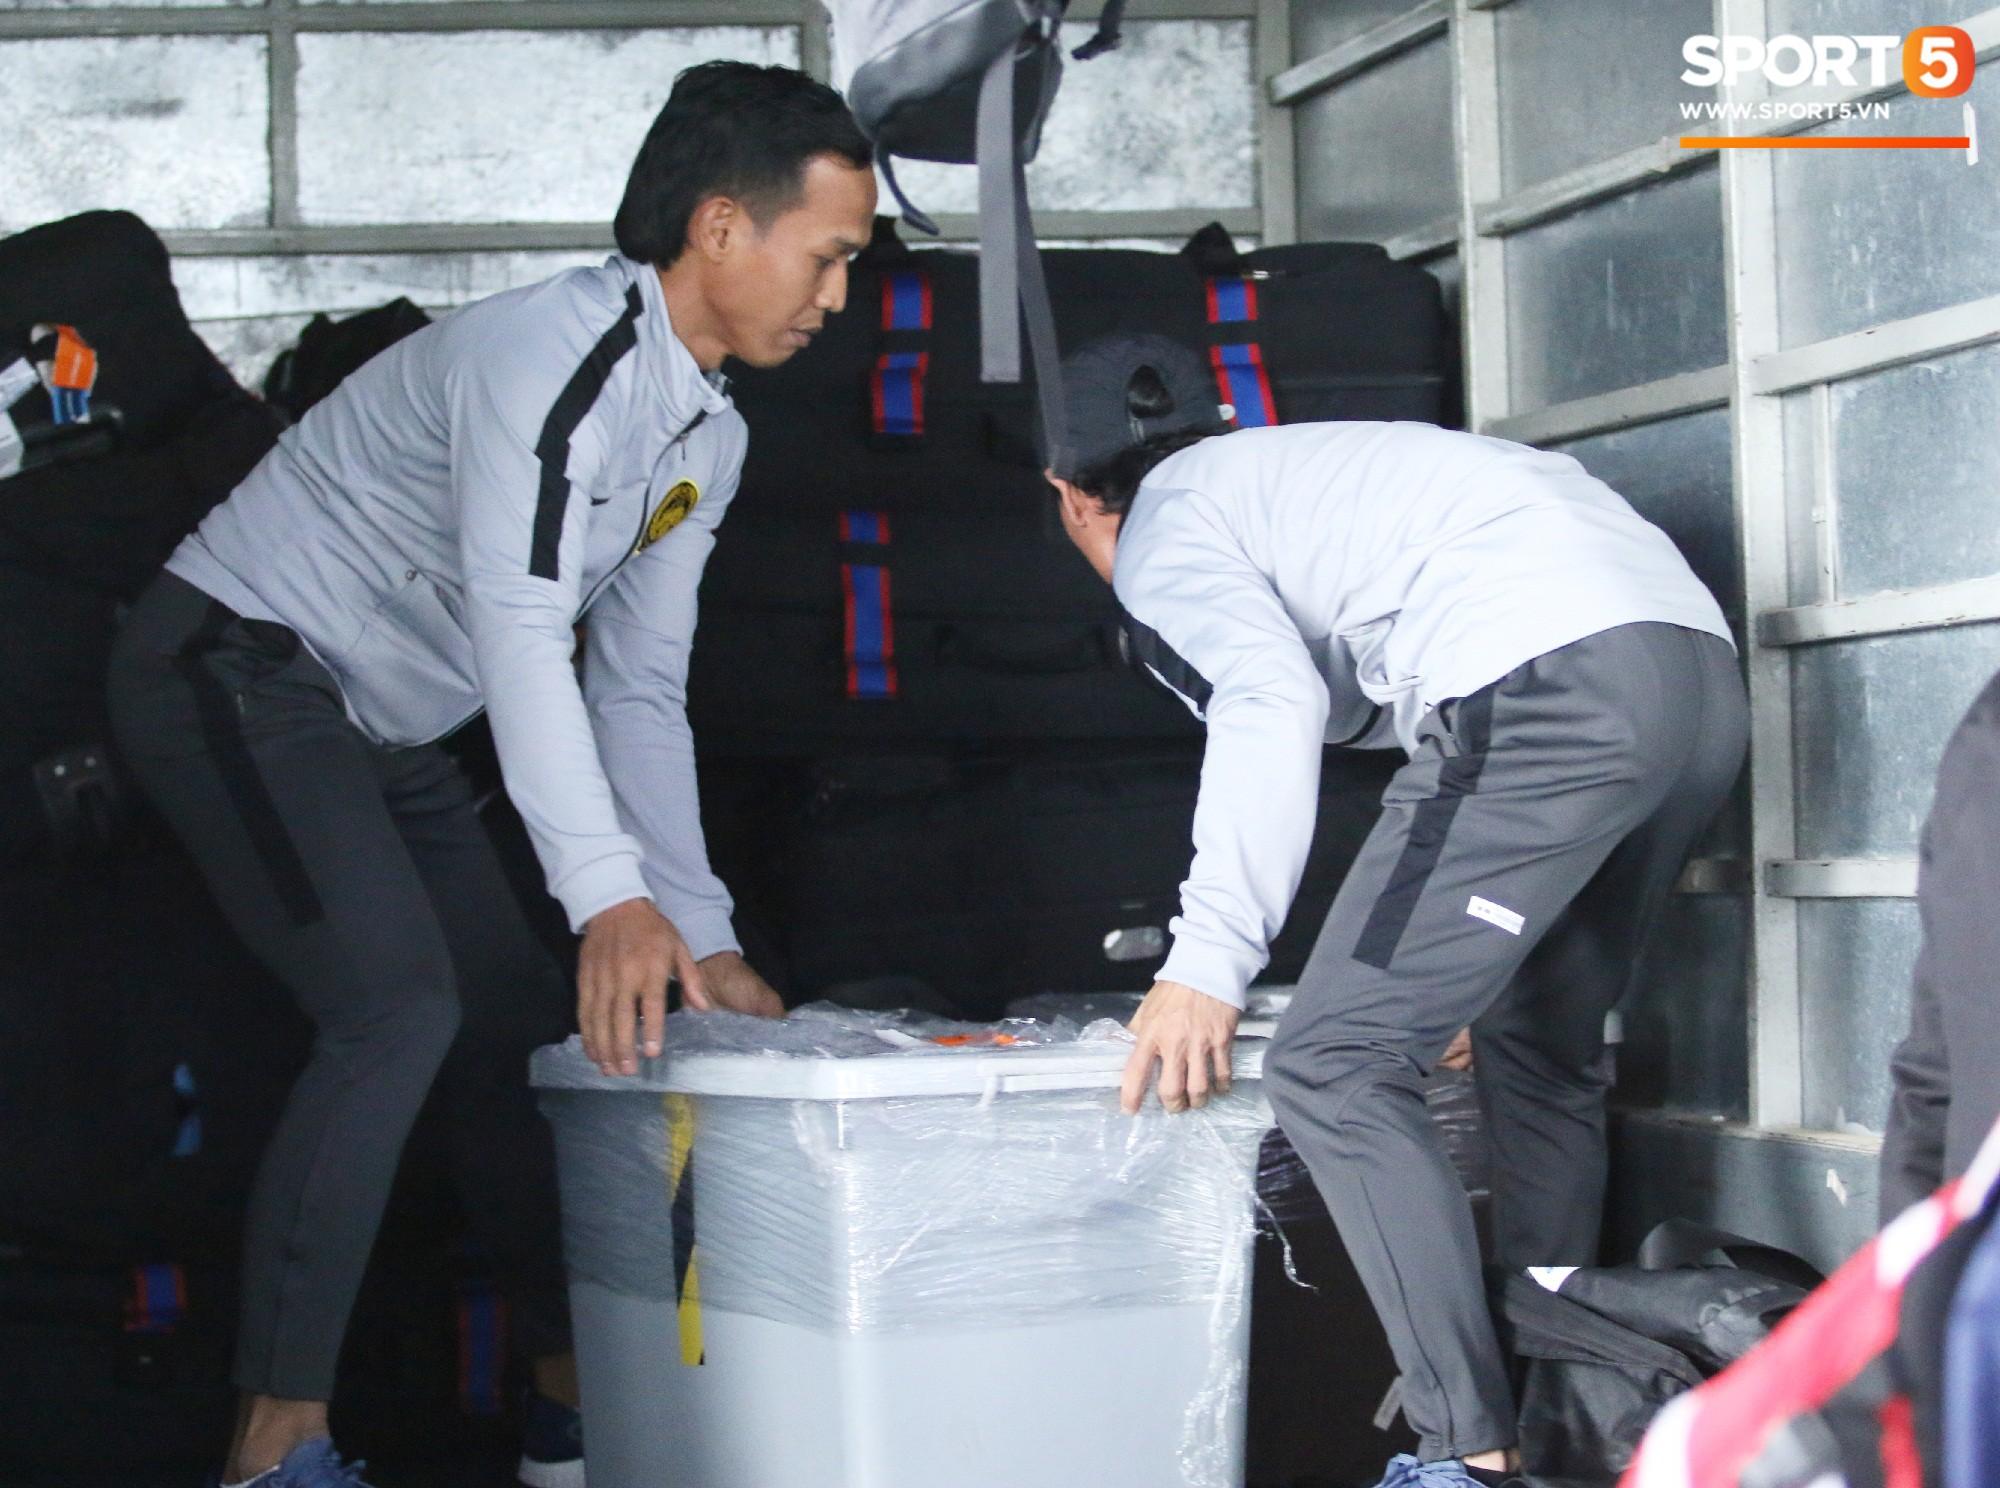 HLV trưởng Malaysia đi cùng người phụ nữ bí ẩn sang Việt Nam đá trận chung kết AFF Cup 2018 - Ảnh 7.